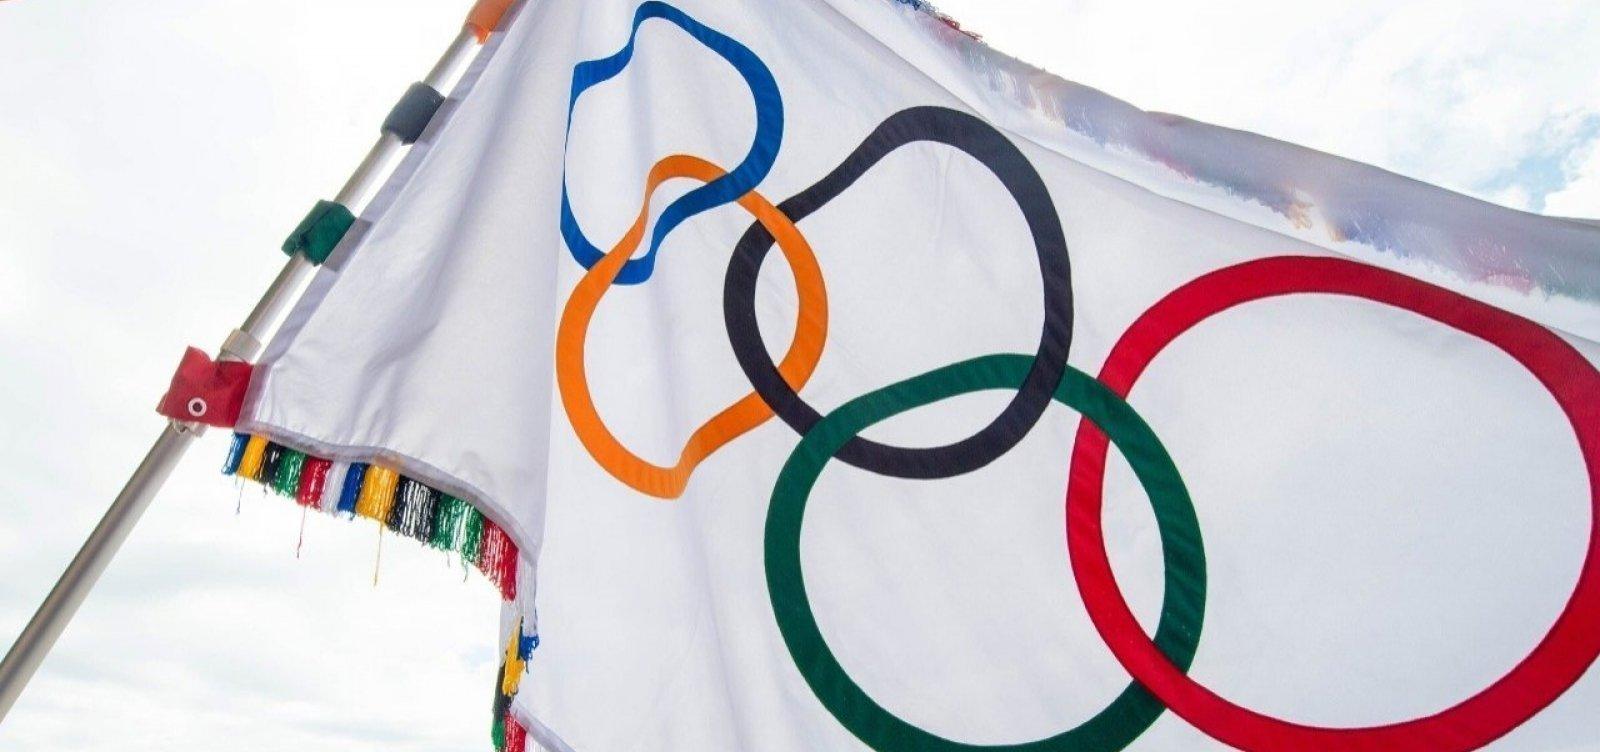 Olimpíadas: confira a agenda brasileira em Tóquio neste domingo